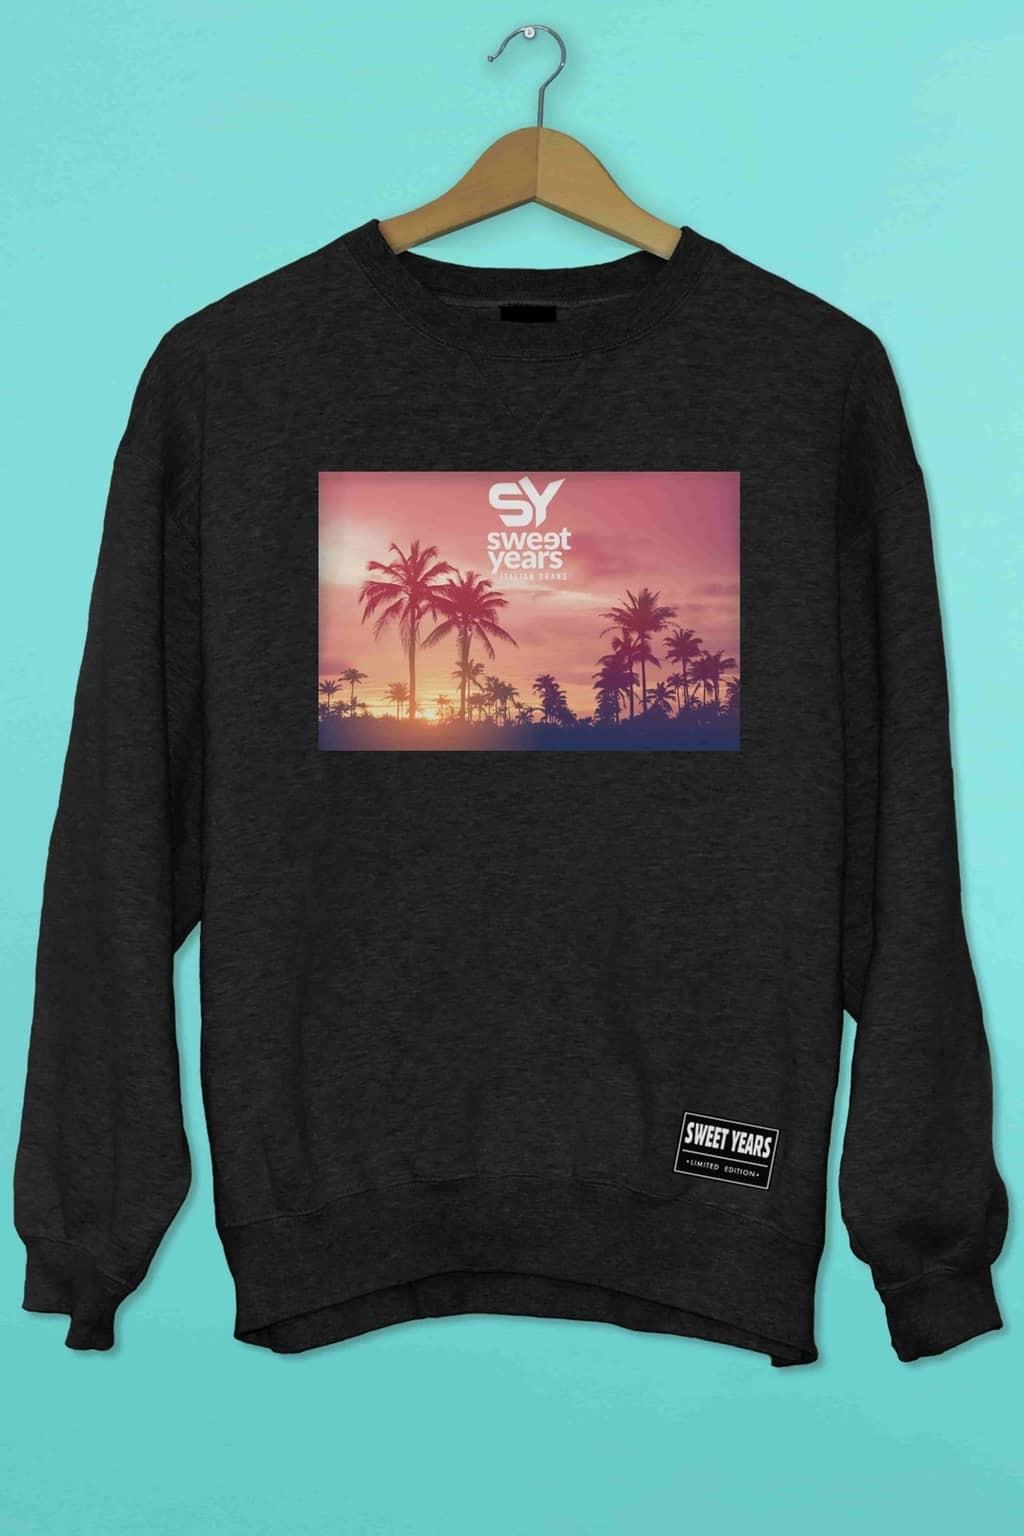 Felpa girocollo nera Sweet Years con stampa multicolor tramonto rosa con palme.